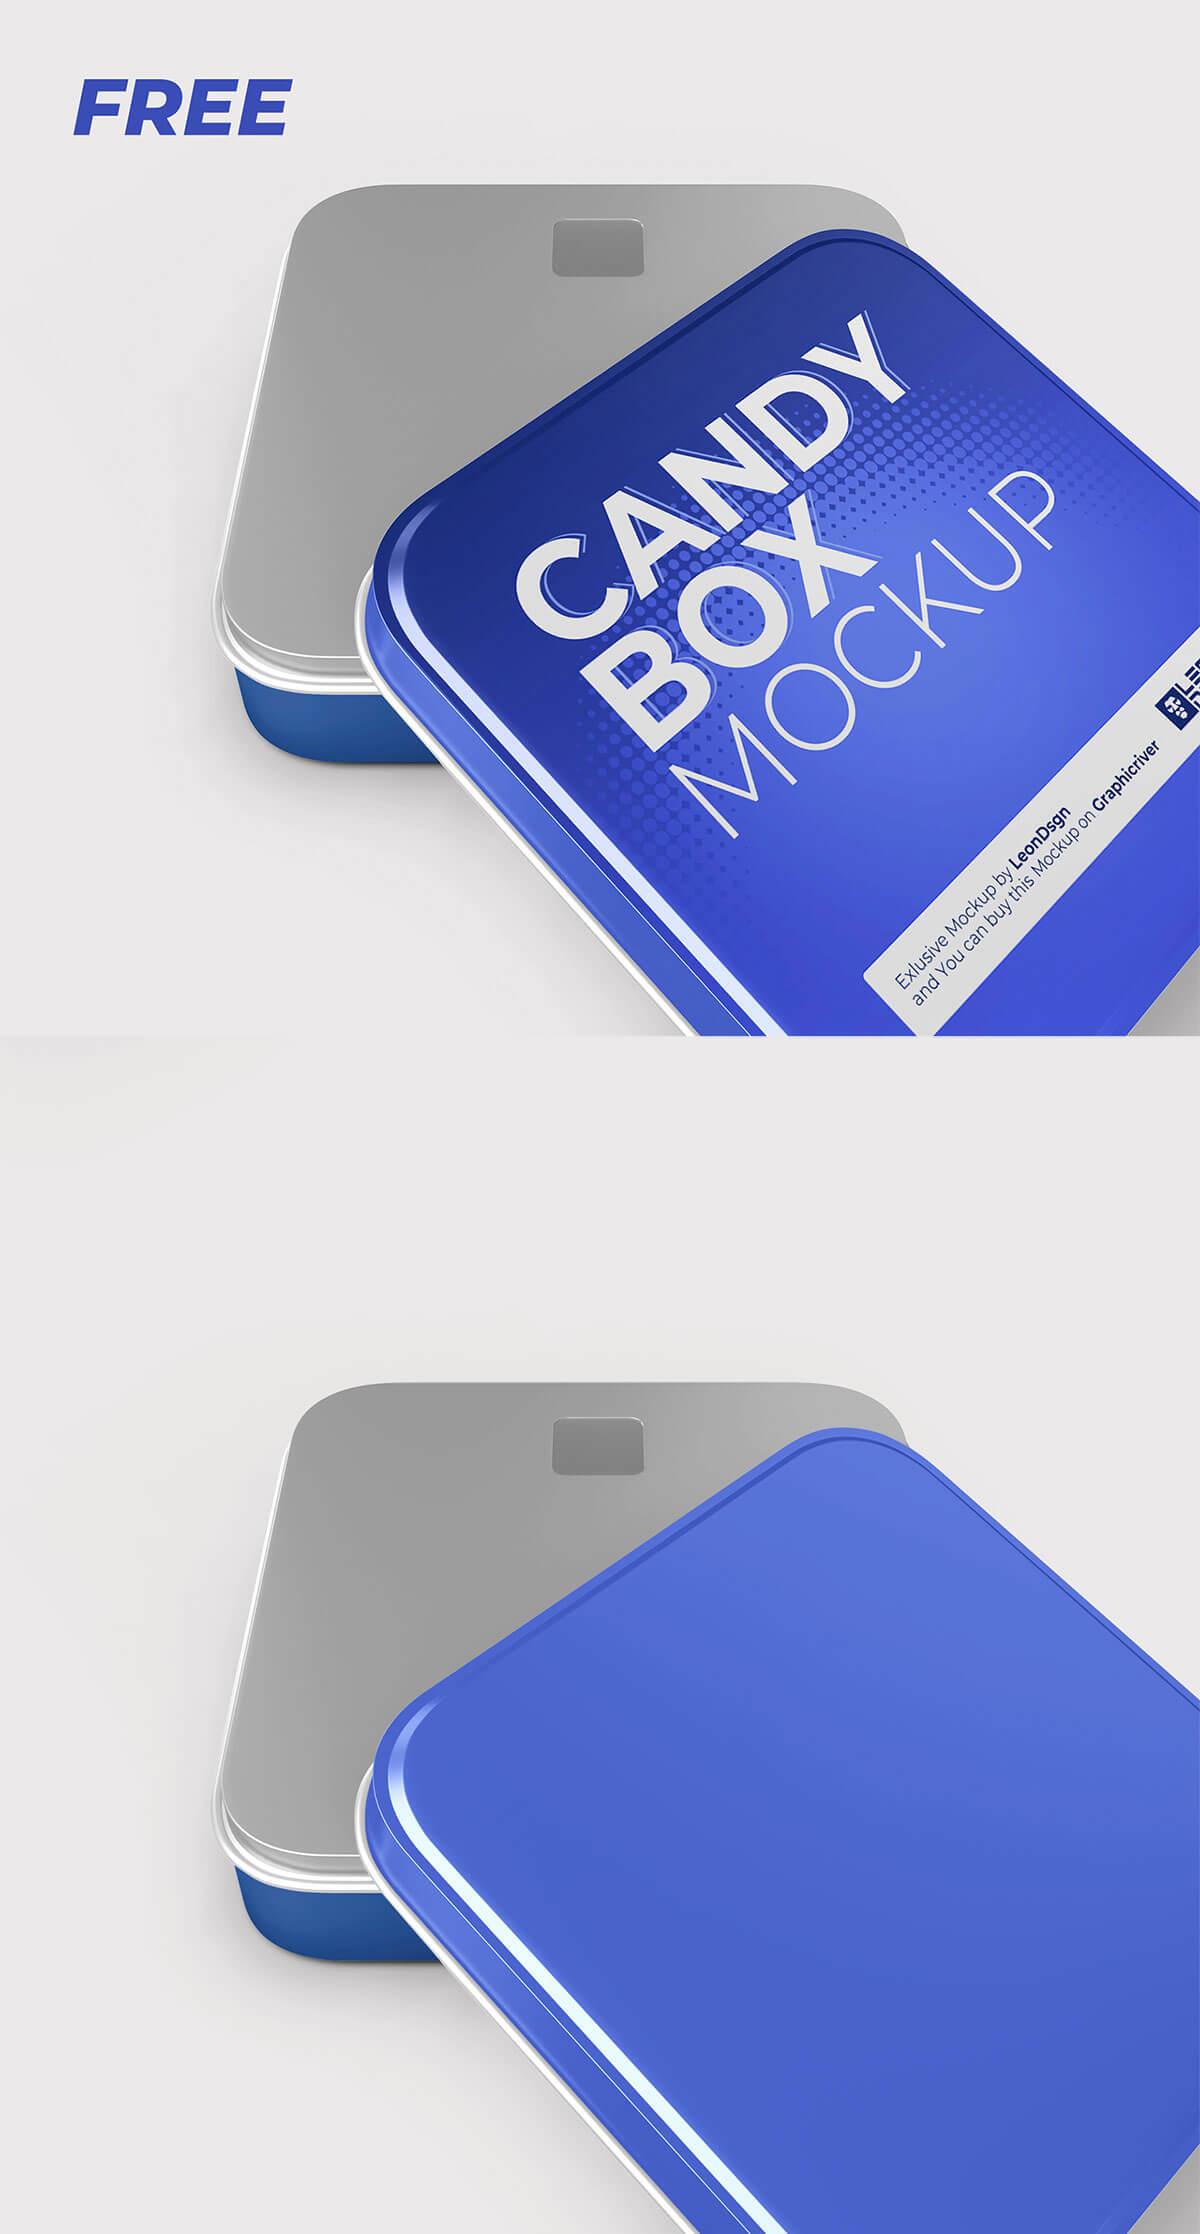 Free Candy Box Mockup